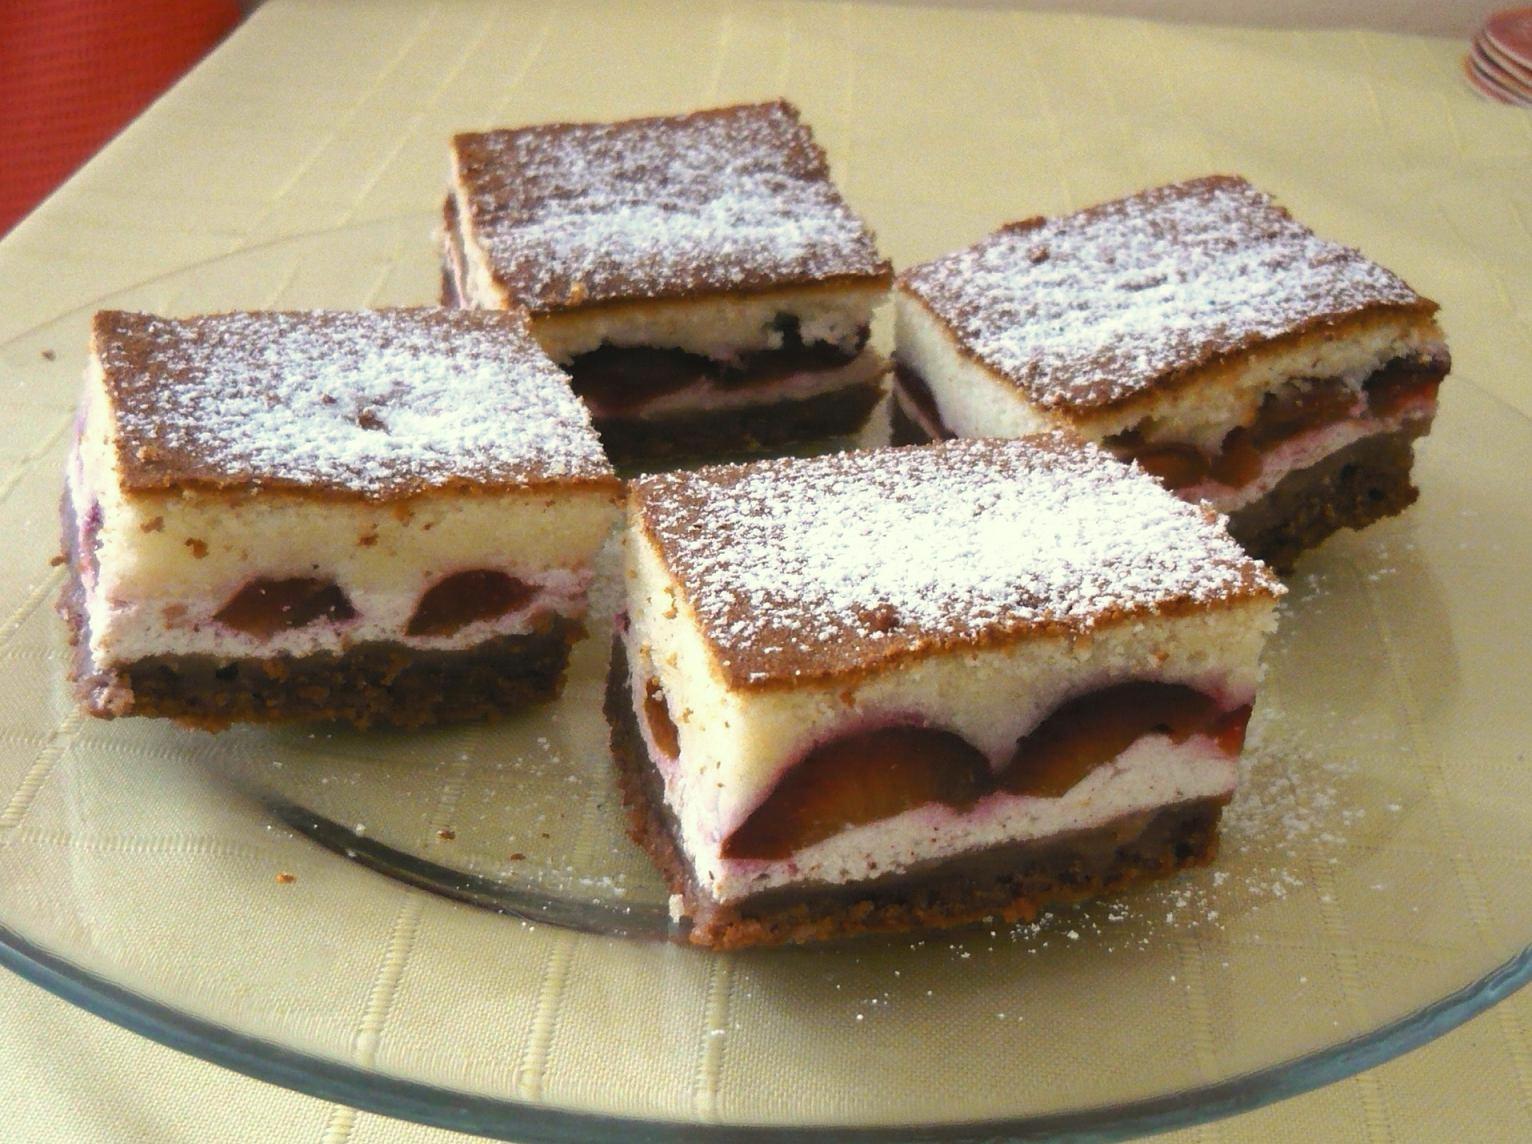 Barevný koláč s tvarohem a ovocem